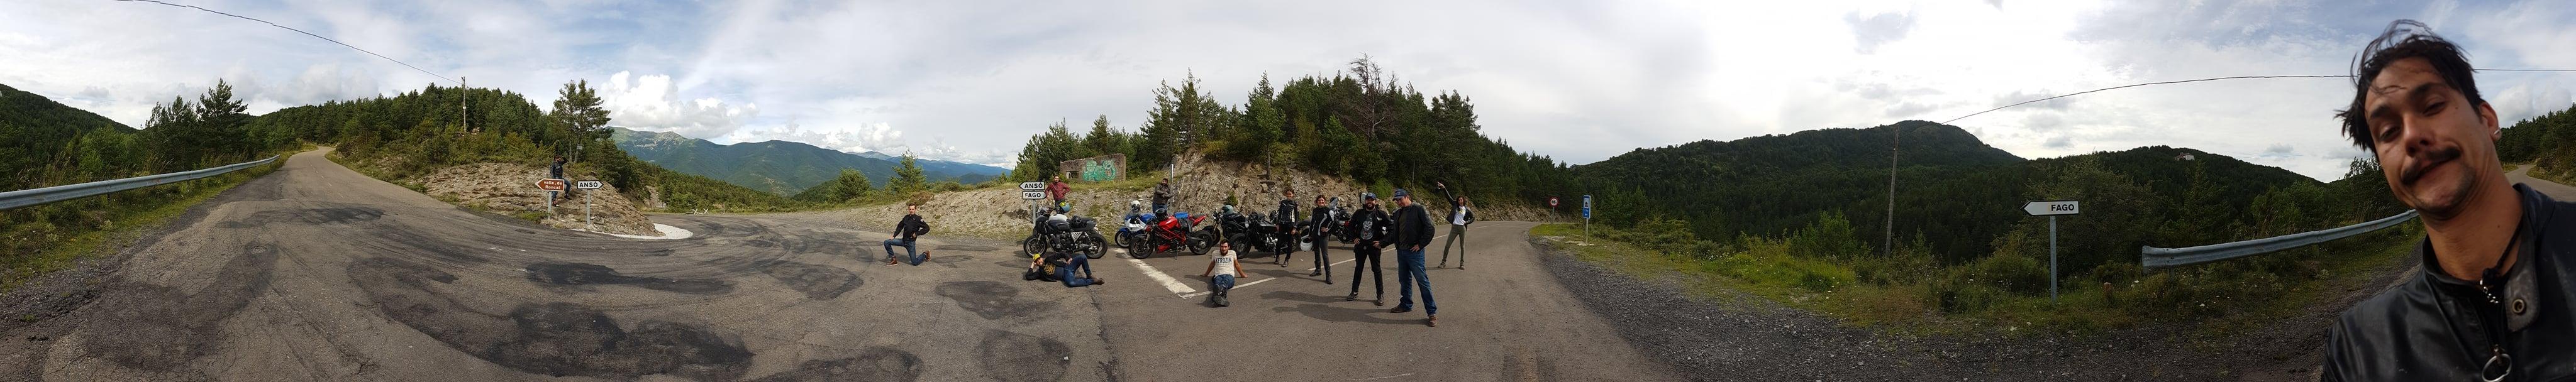 panormique-au-sommet-du-col-de-Garde-Anso-et-Fago